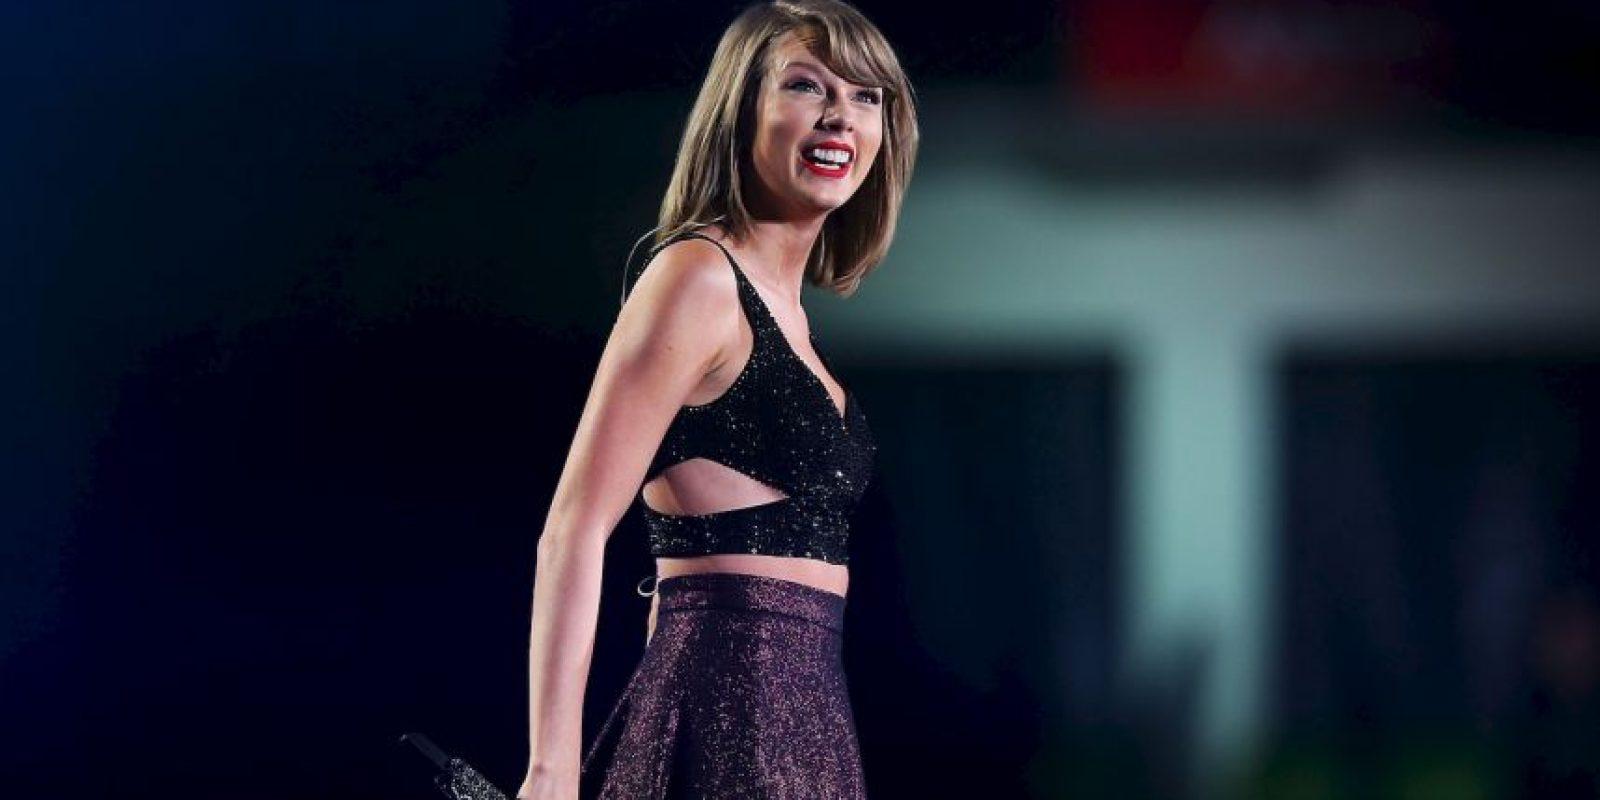 La jovén tiene 26 años y ya cuenta con cinco discos. Foto:Getty Images